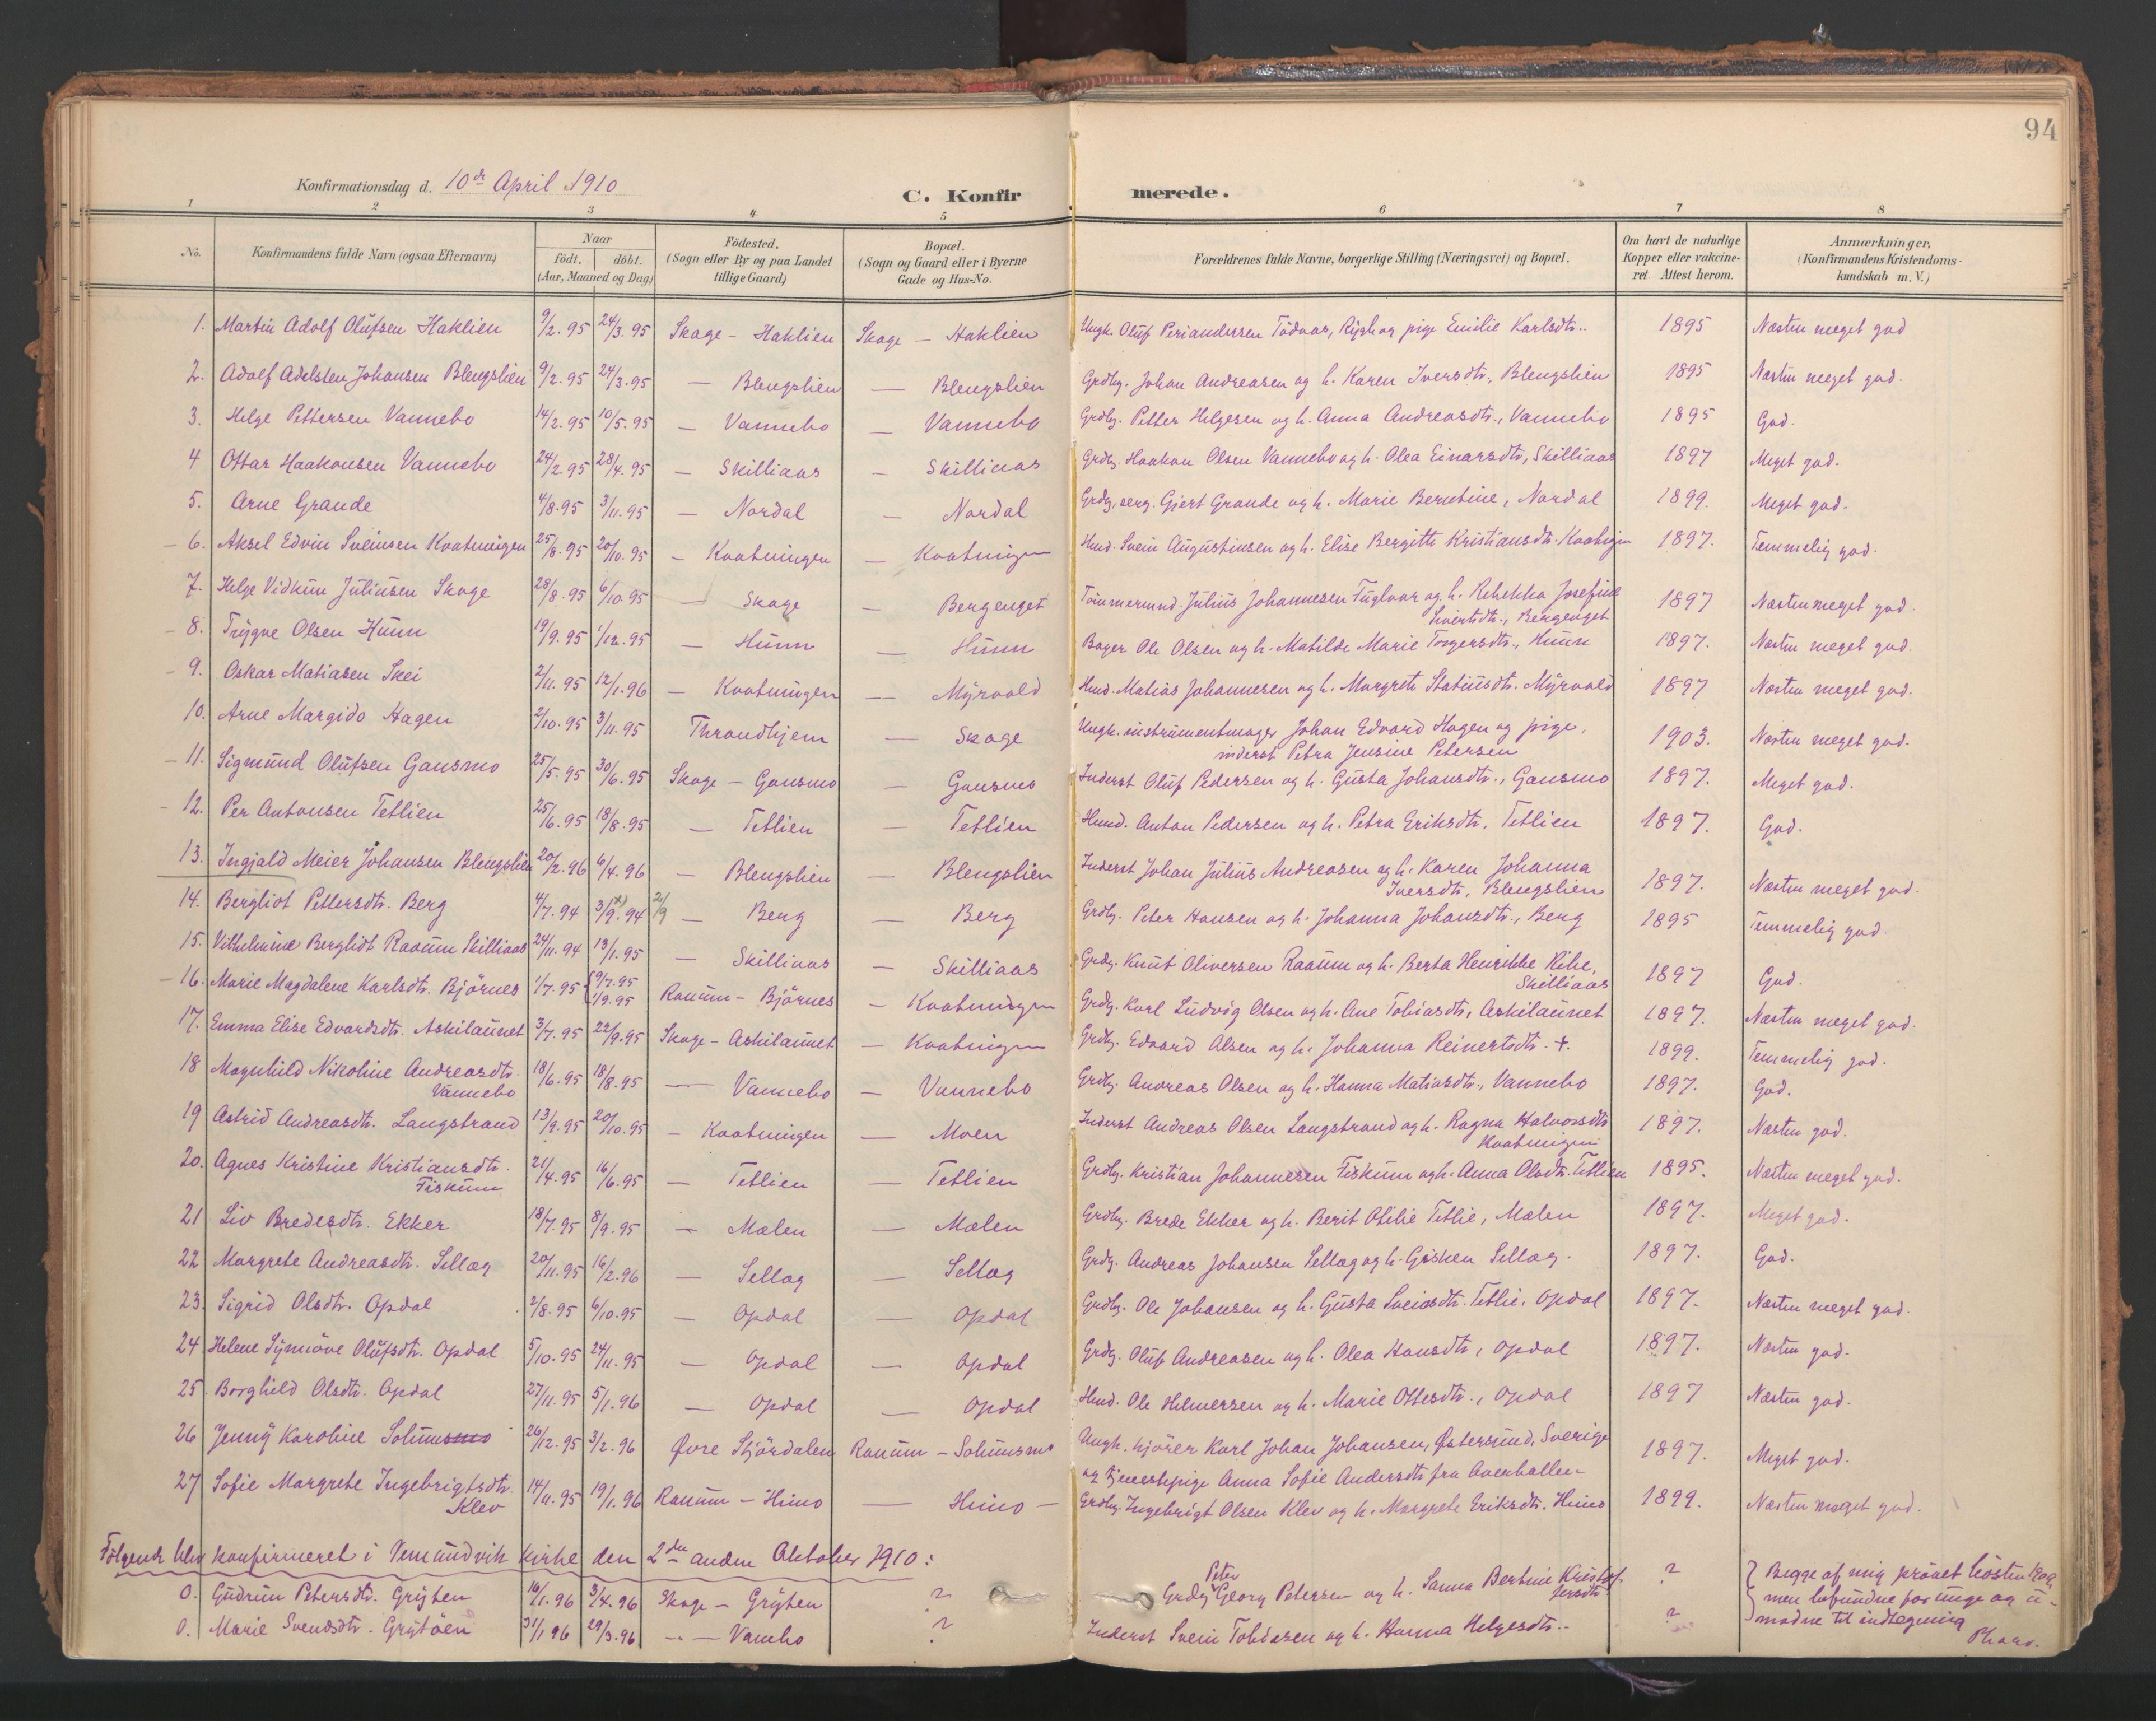 SAT, Ministerialprotokoller, klokkerbøker og fødselsregistre - Nord-Trøndelag, 766/L0564: Ministerialbok nr. 767A02, 1900-1932, s. 94